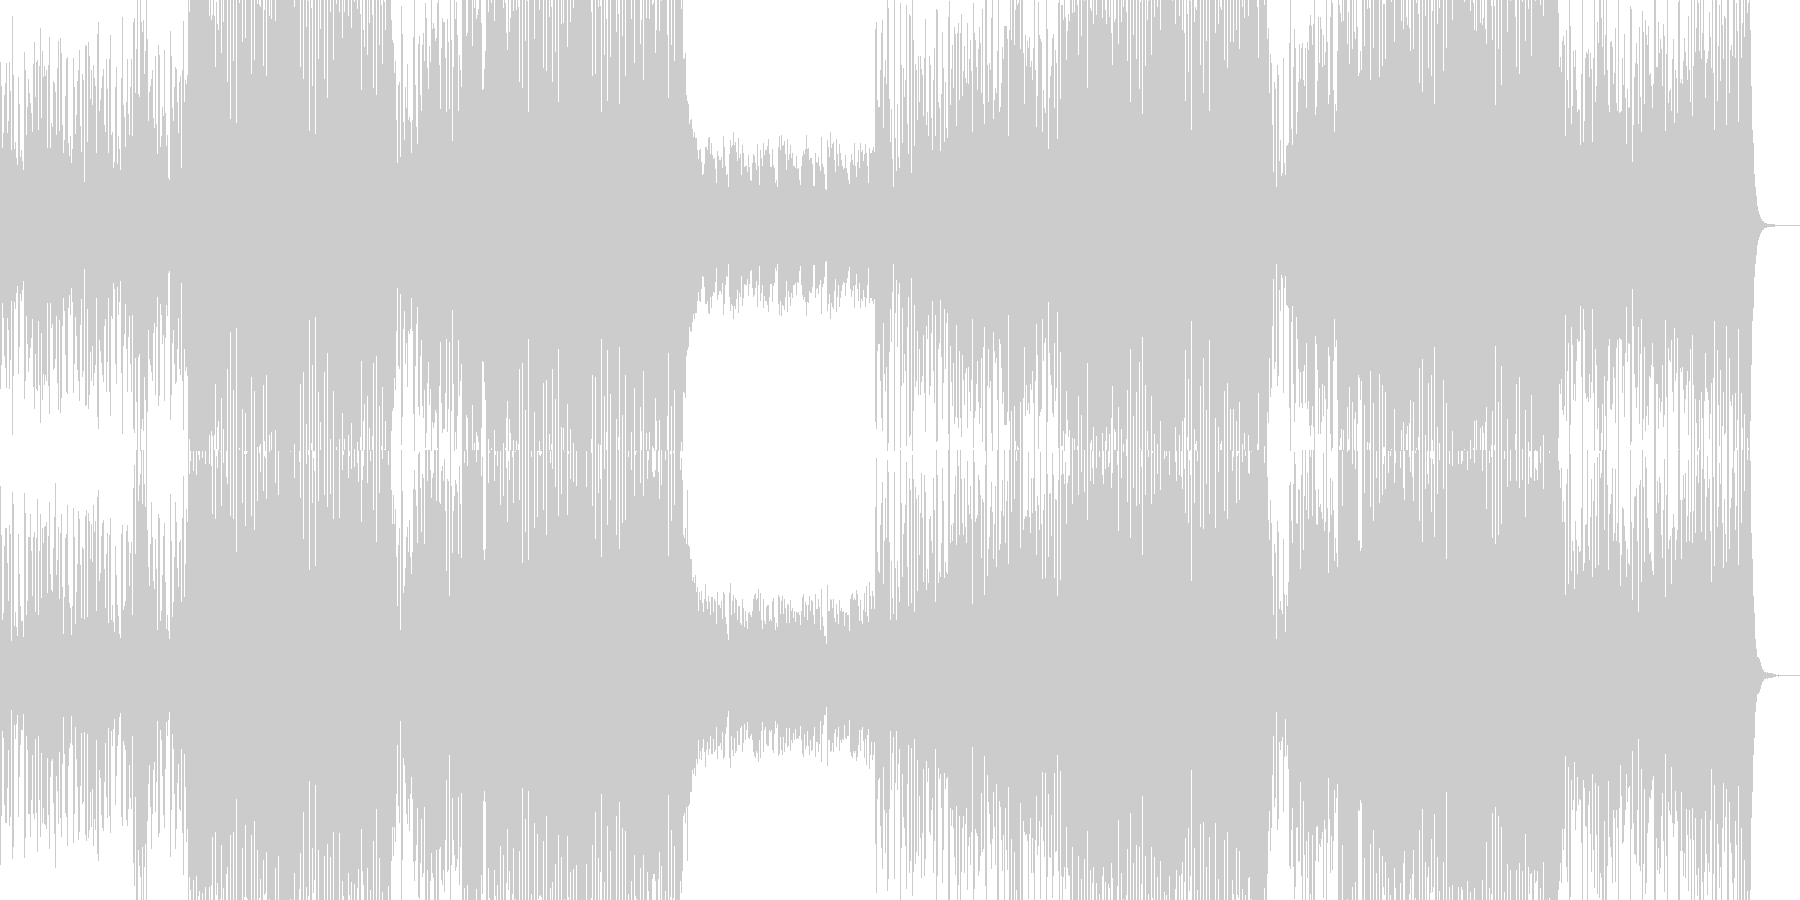 重い雰囲気のストリングスとデジタルビートの未再生の波形